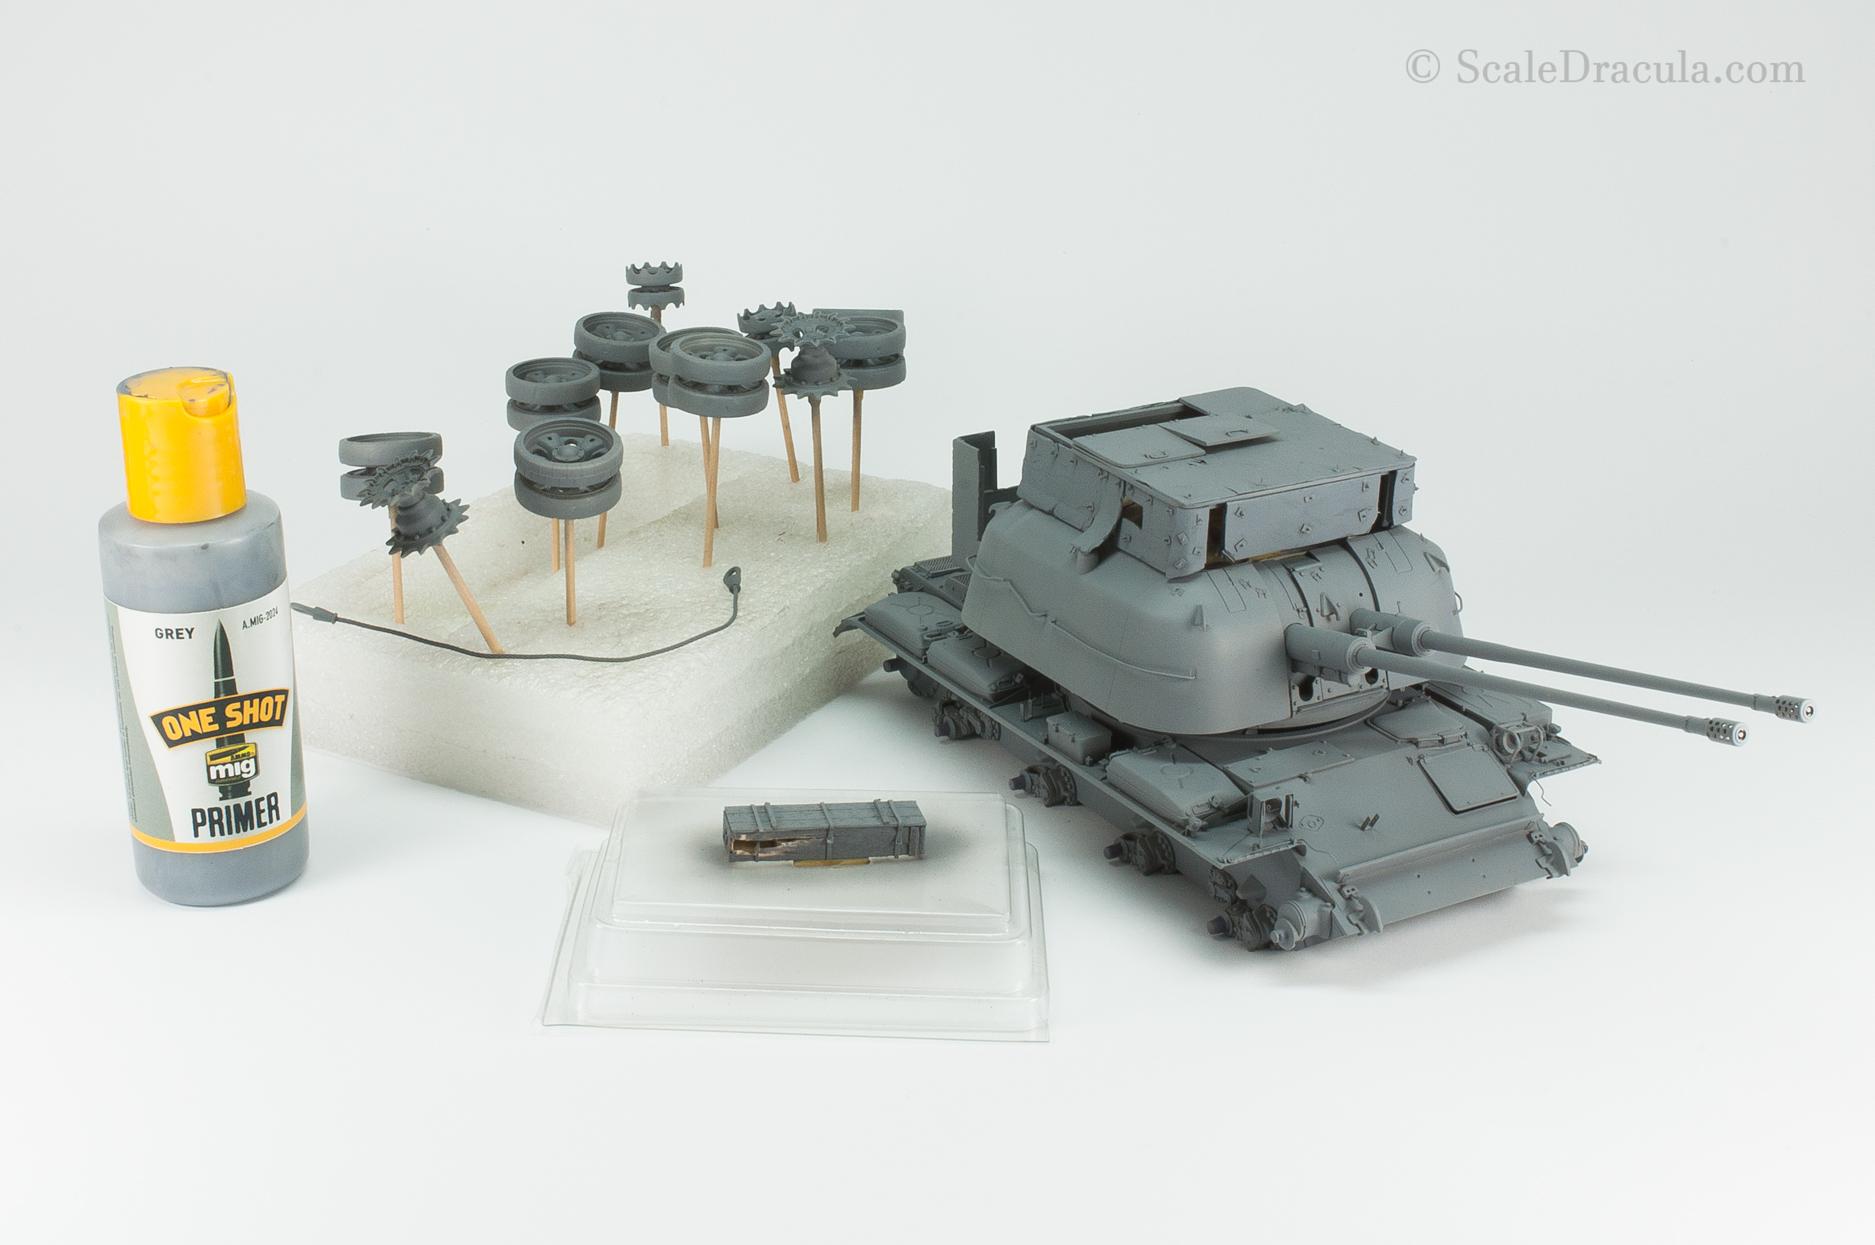 Priming the model, ZSU-57 by TAKOM